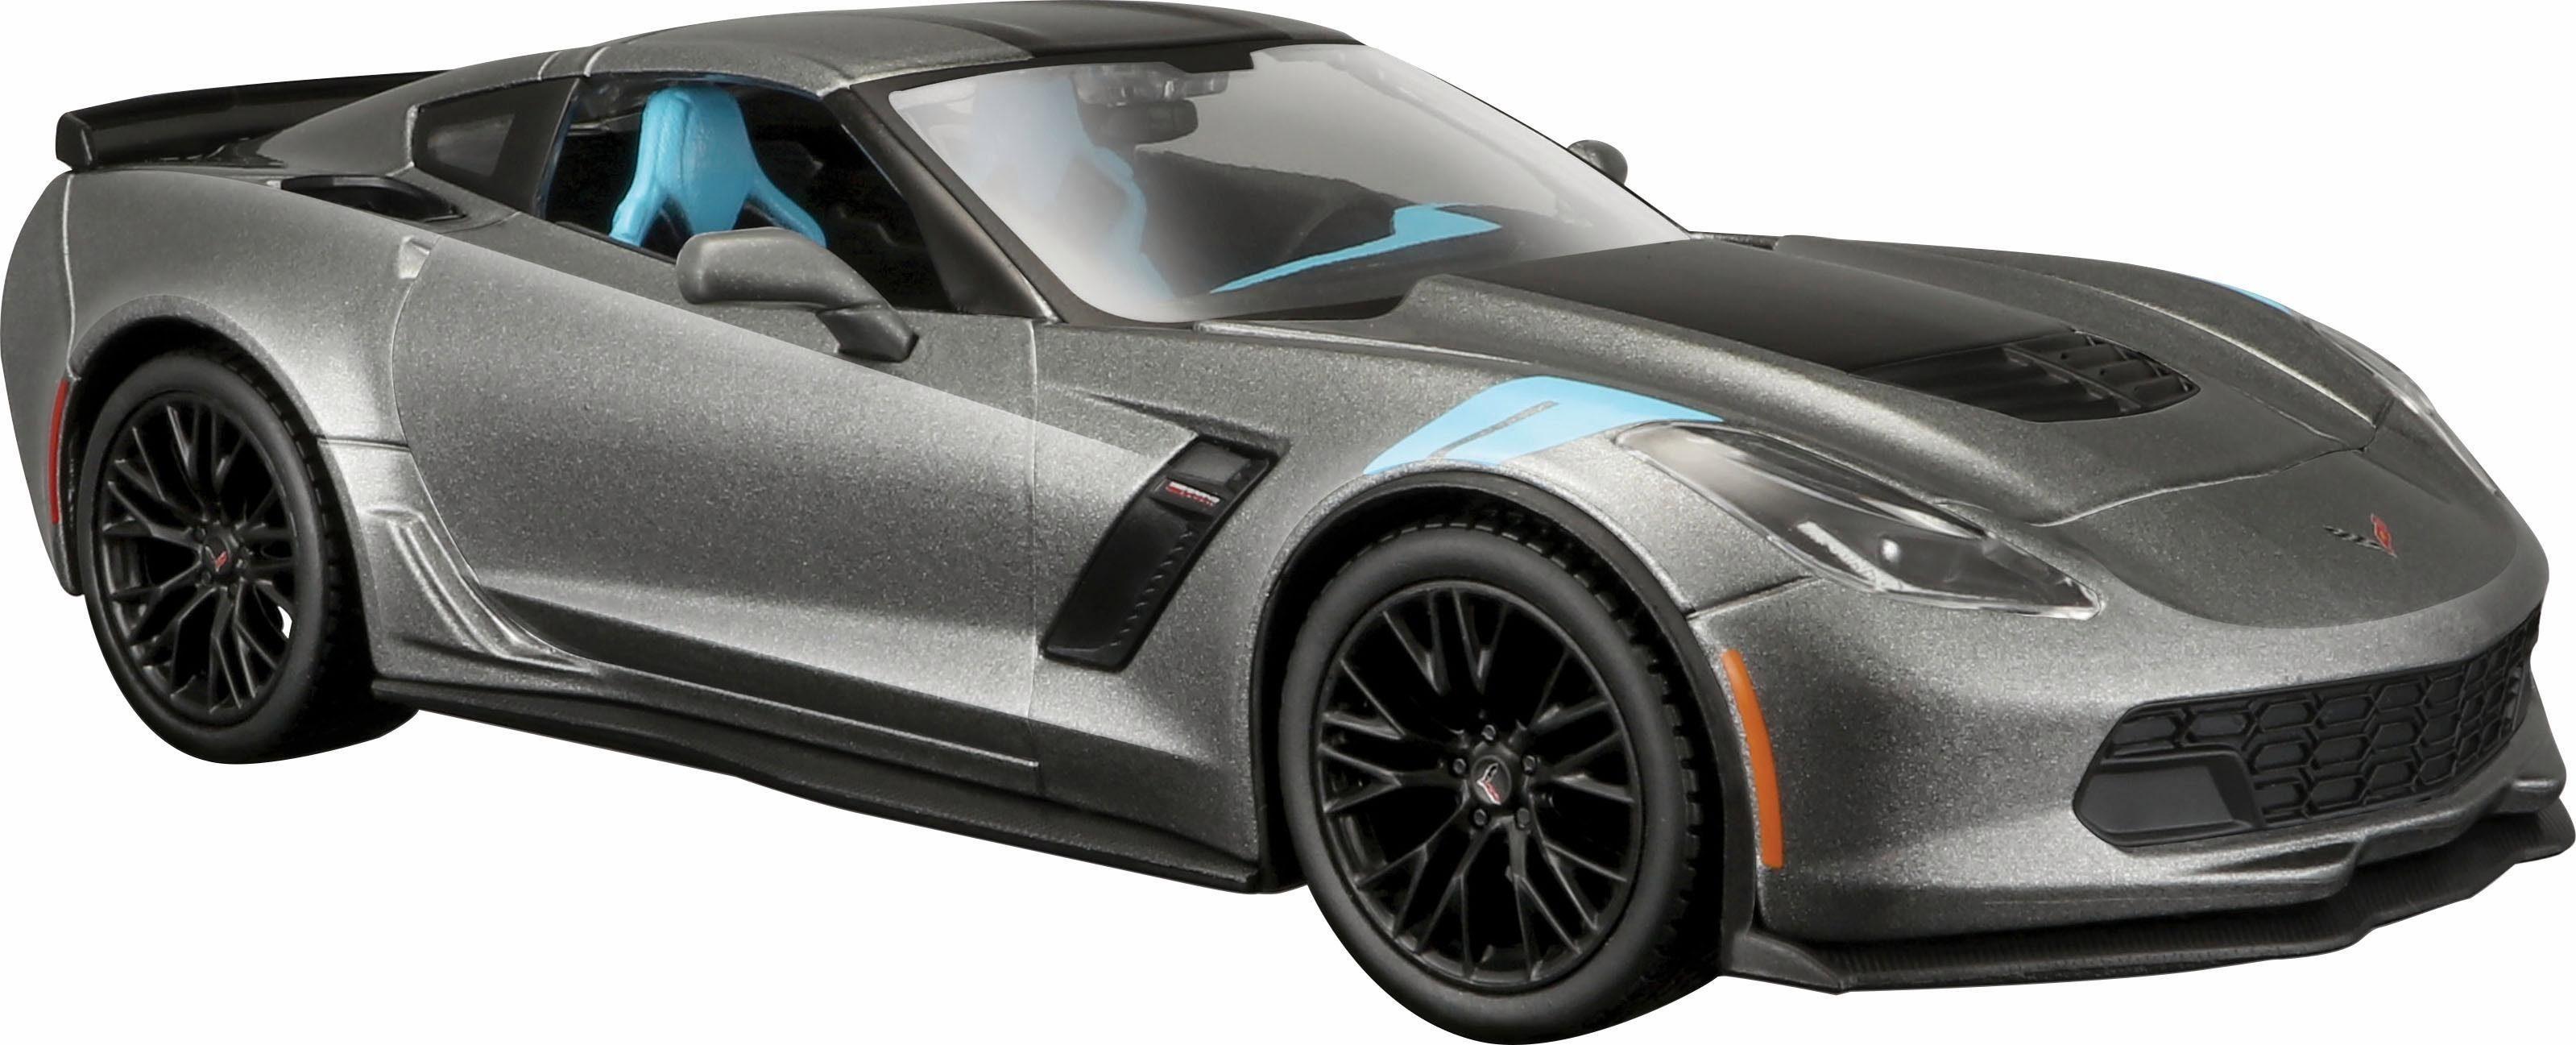 Maisto® Sammlerauto, »Chevrolet Corvette Grand Sport 17, 1:24, grau«